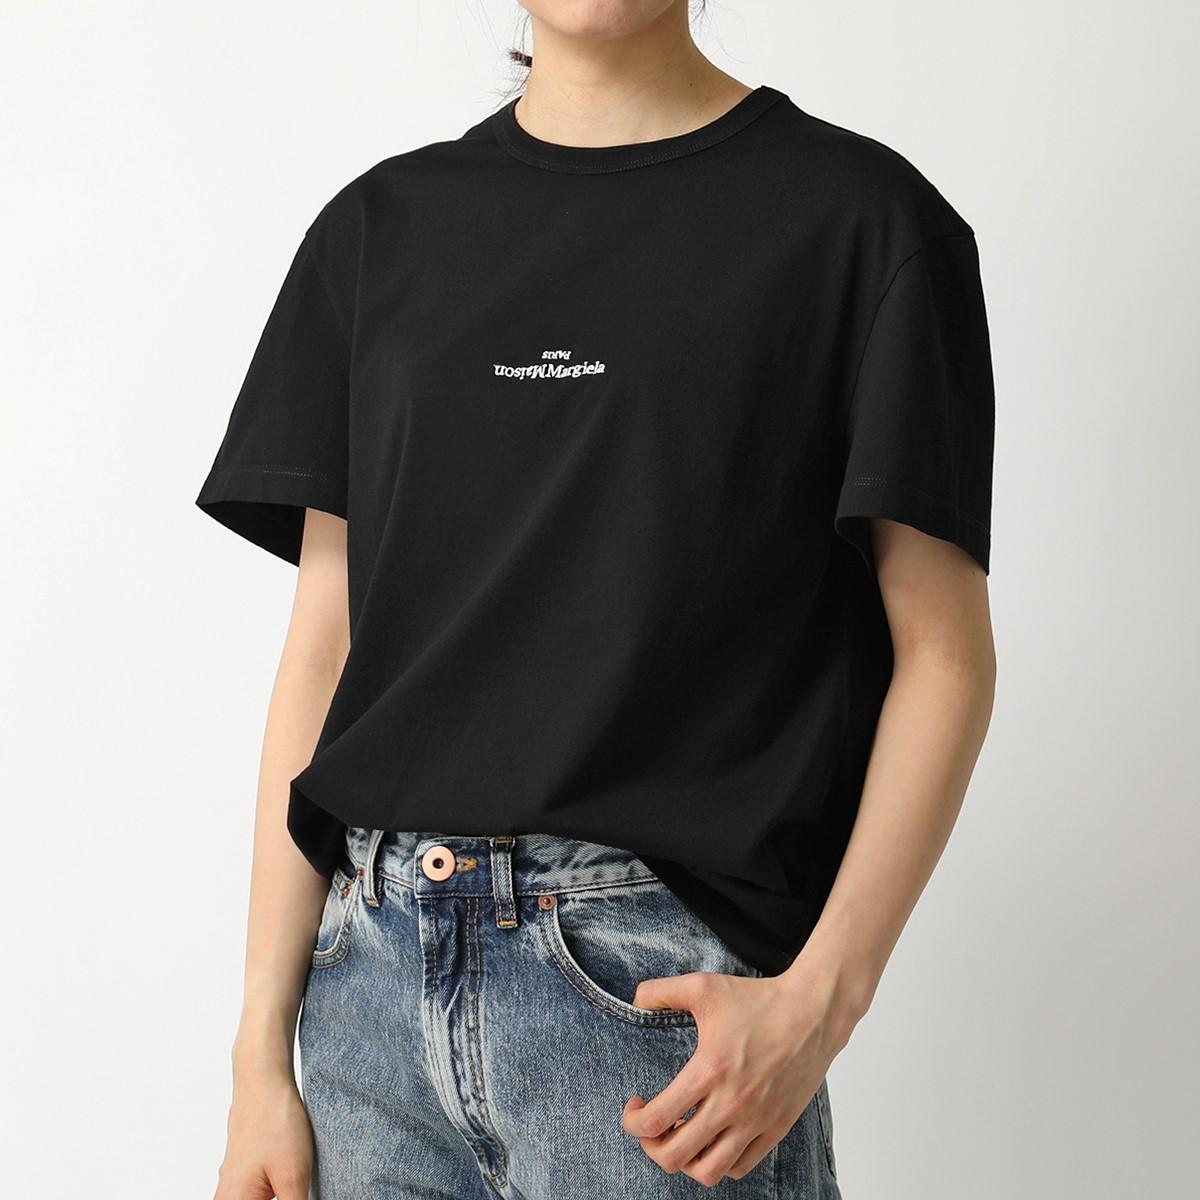 MAISON MARGIELA メゾンマルジェラ 10 S30GC0701 S22816 ディストーテッド ロゴ 半袖 Tシャツ カットソー クルーネック 丸首 900 レディース